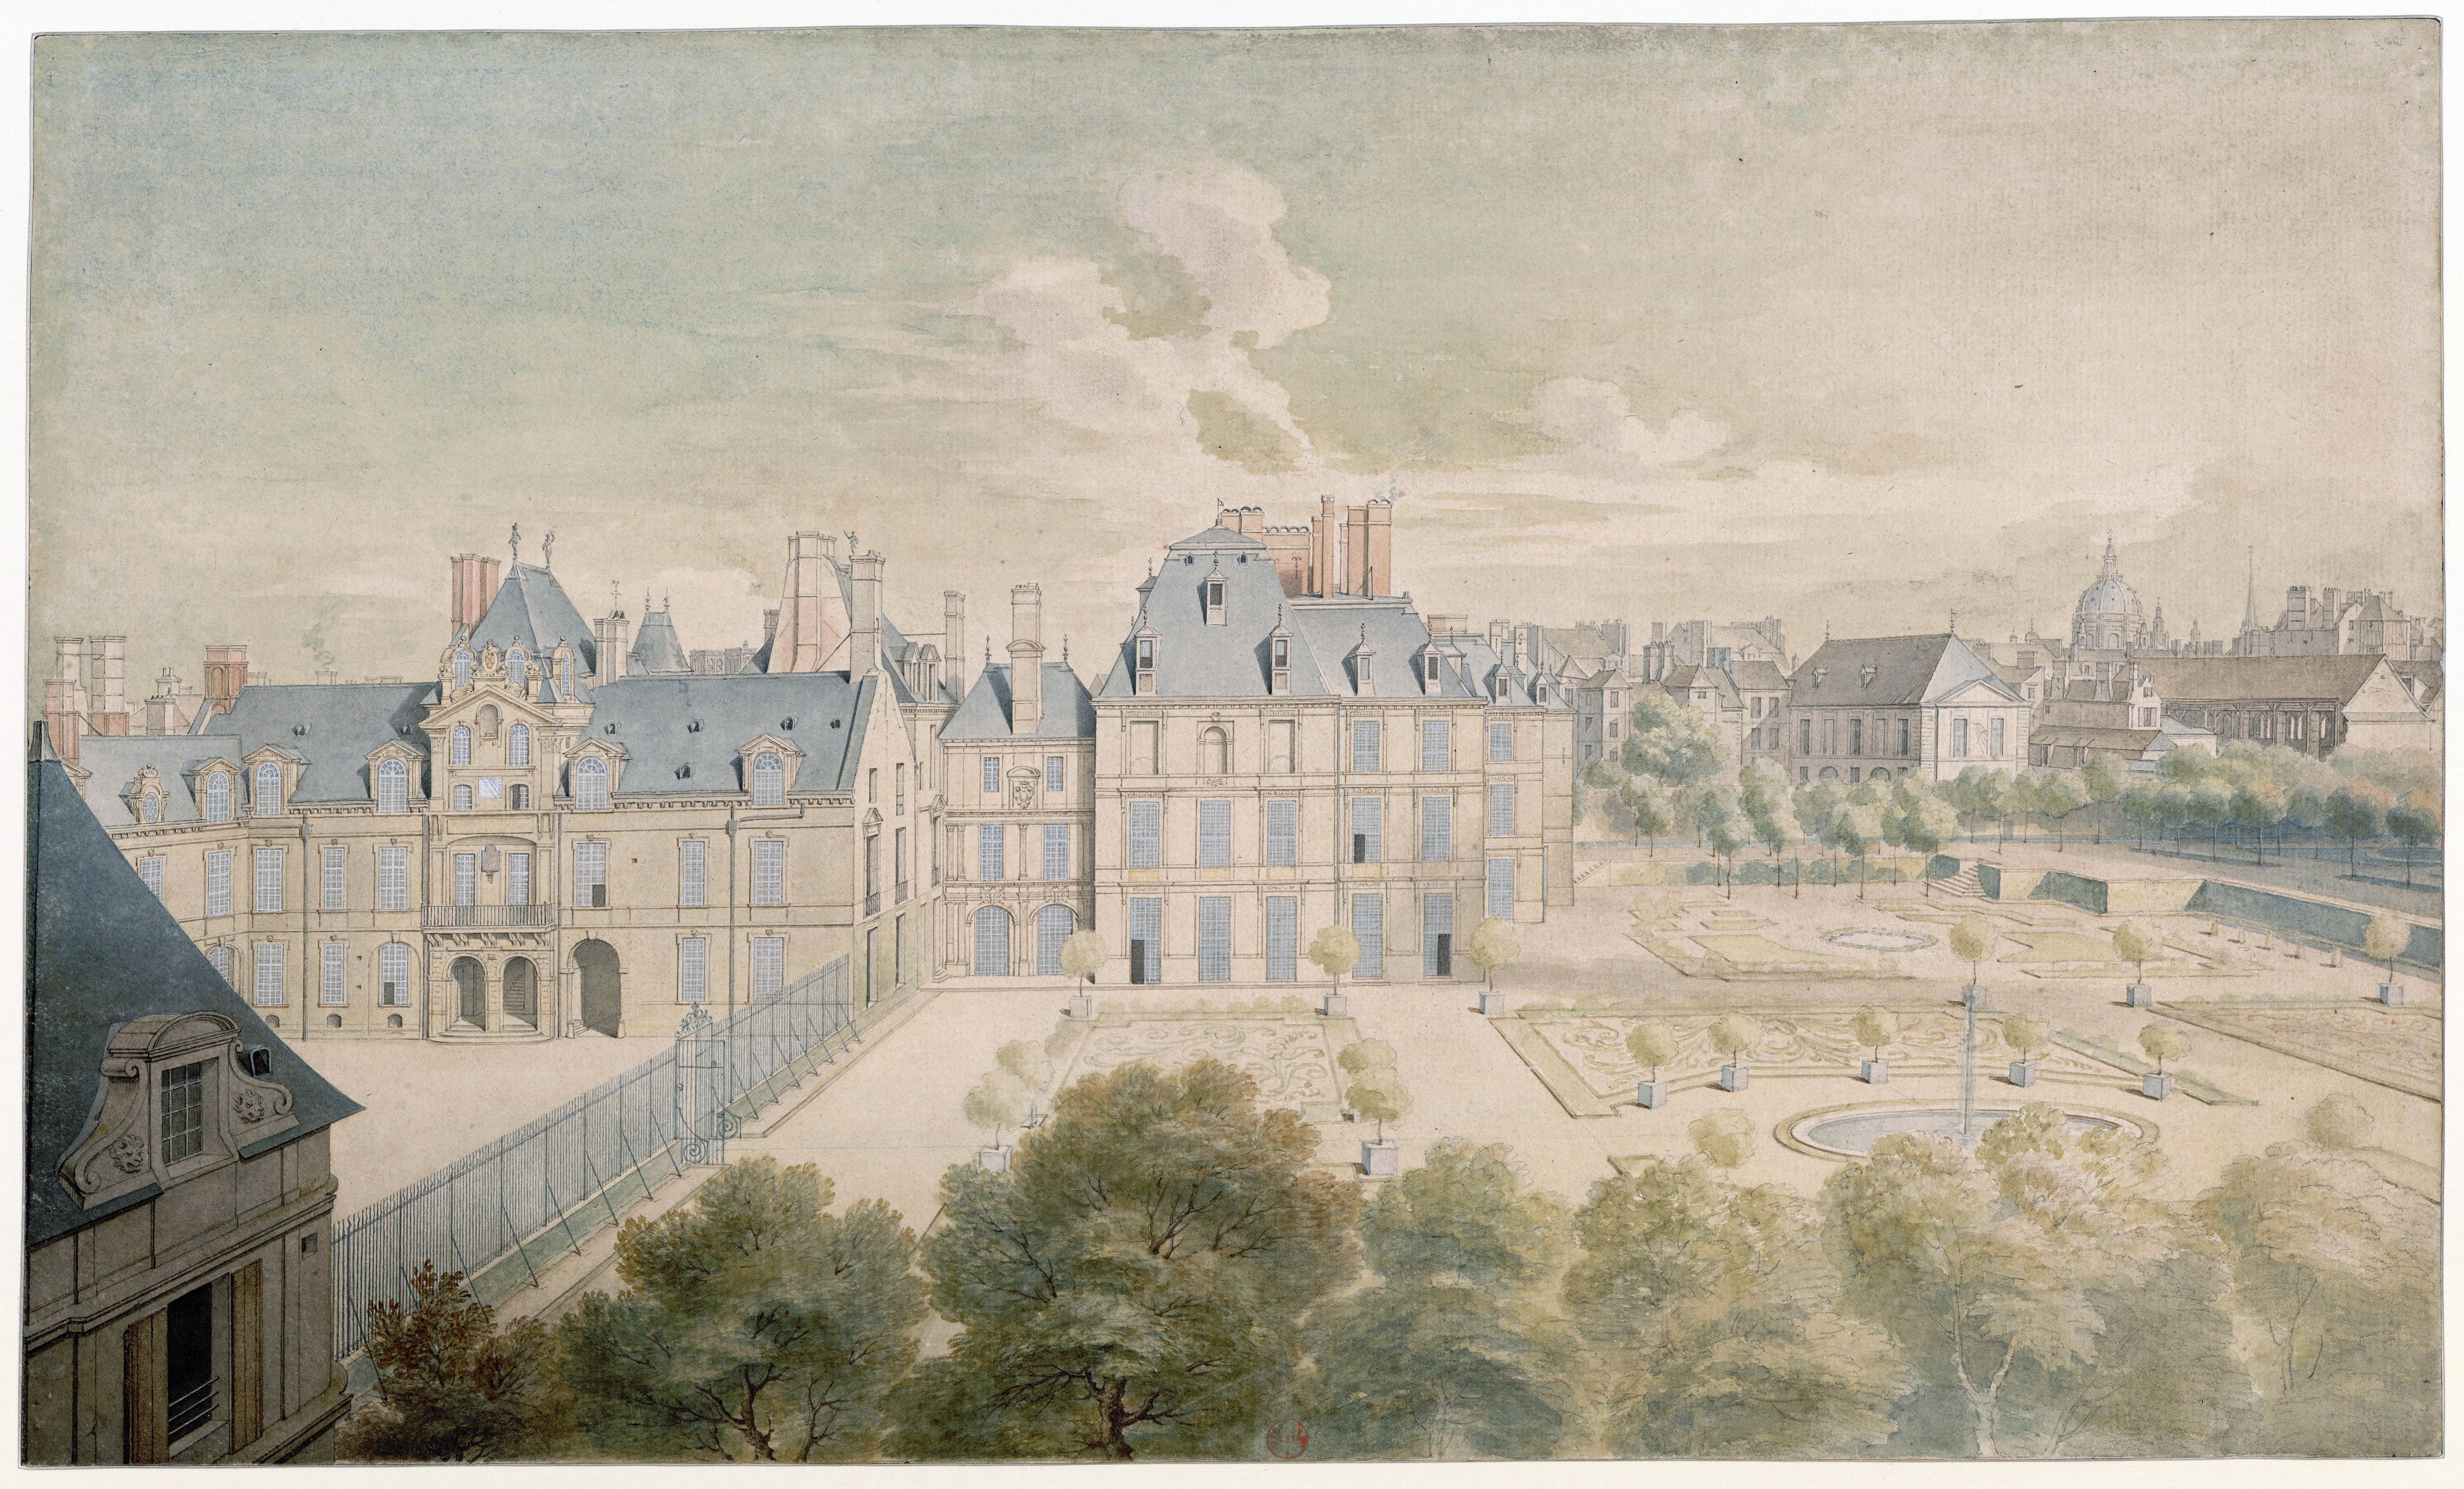 Hôtel de Condé, palacio de los príncipes de Condé, lugar de nacimiento de Sade en París.